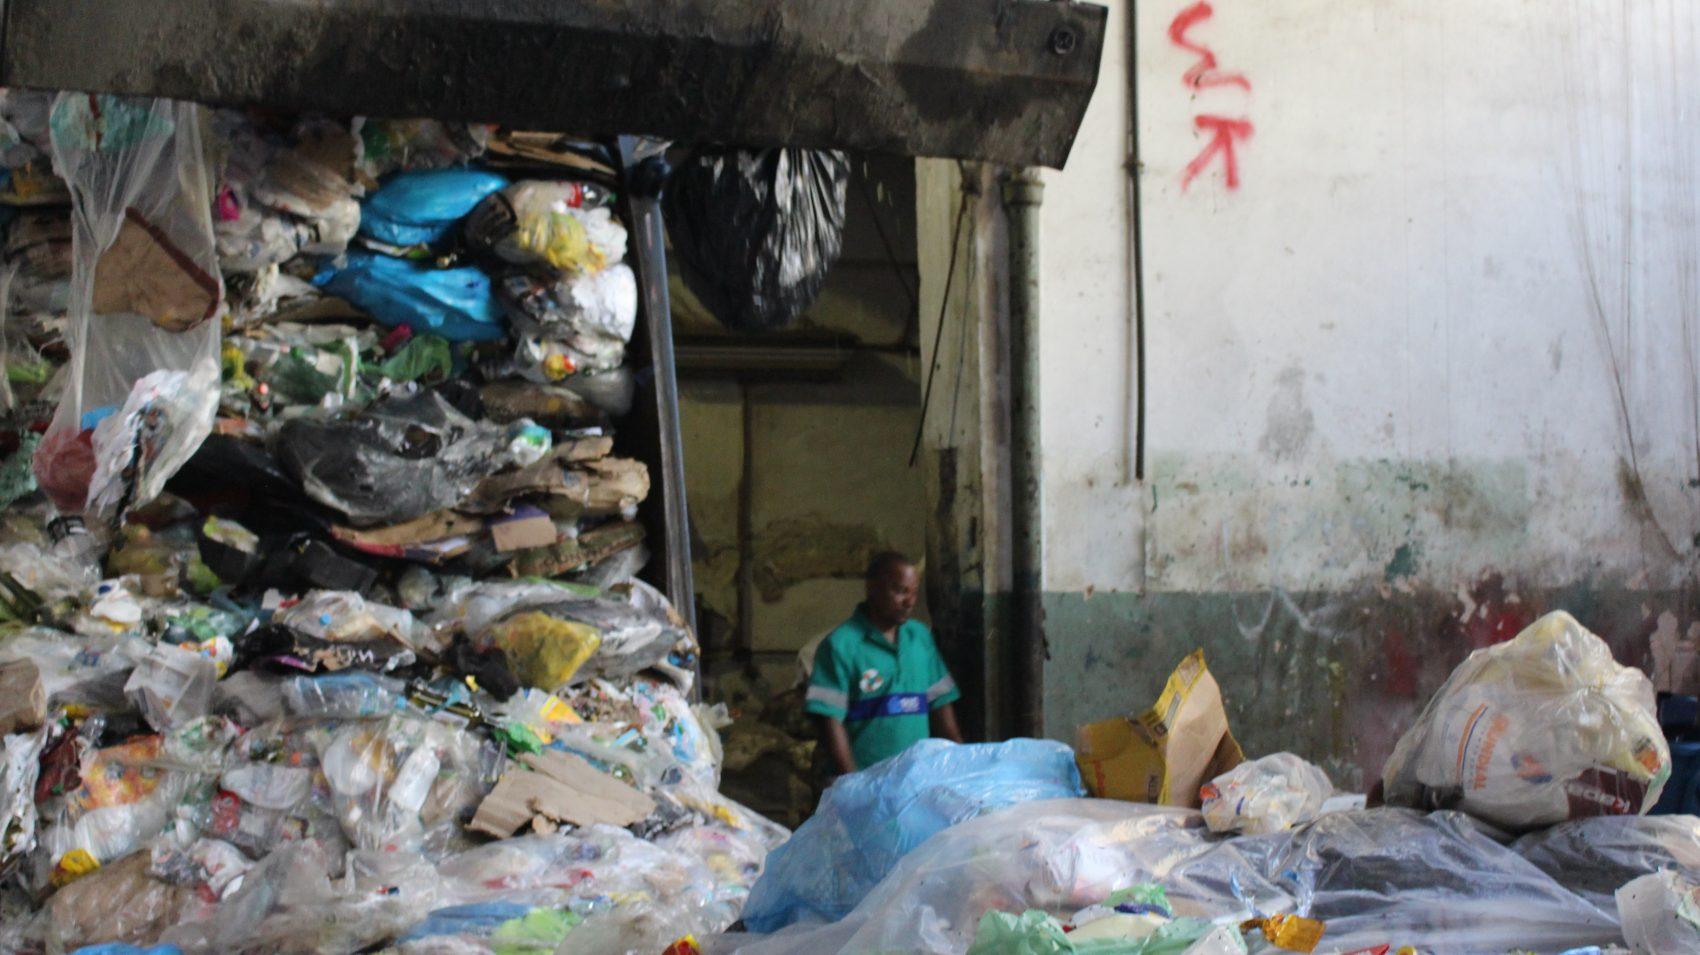 Galpão da Coopama, Maria da Graça, subúrbio do Rio (Foto Emanuel Alencar)